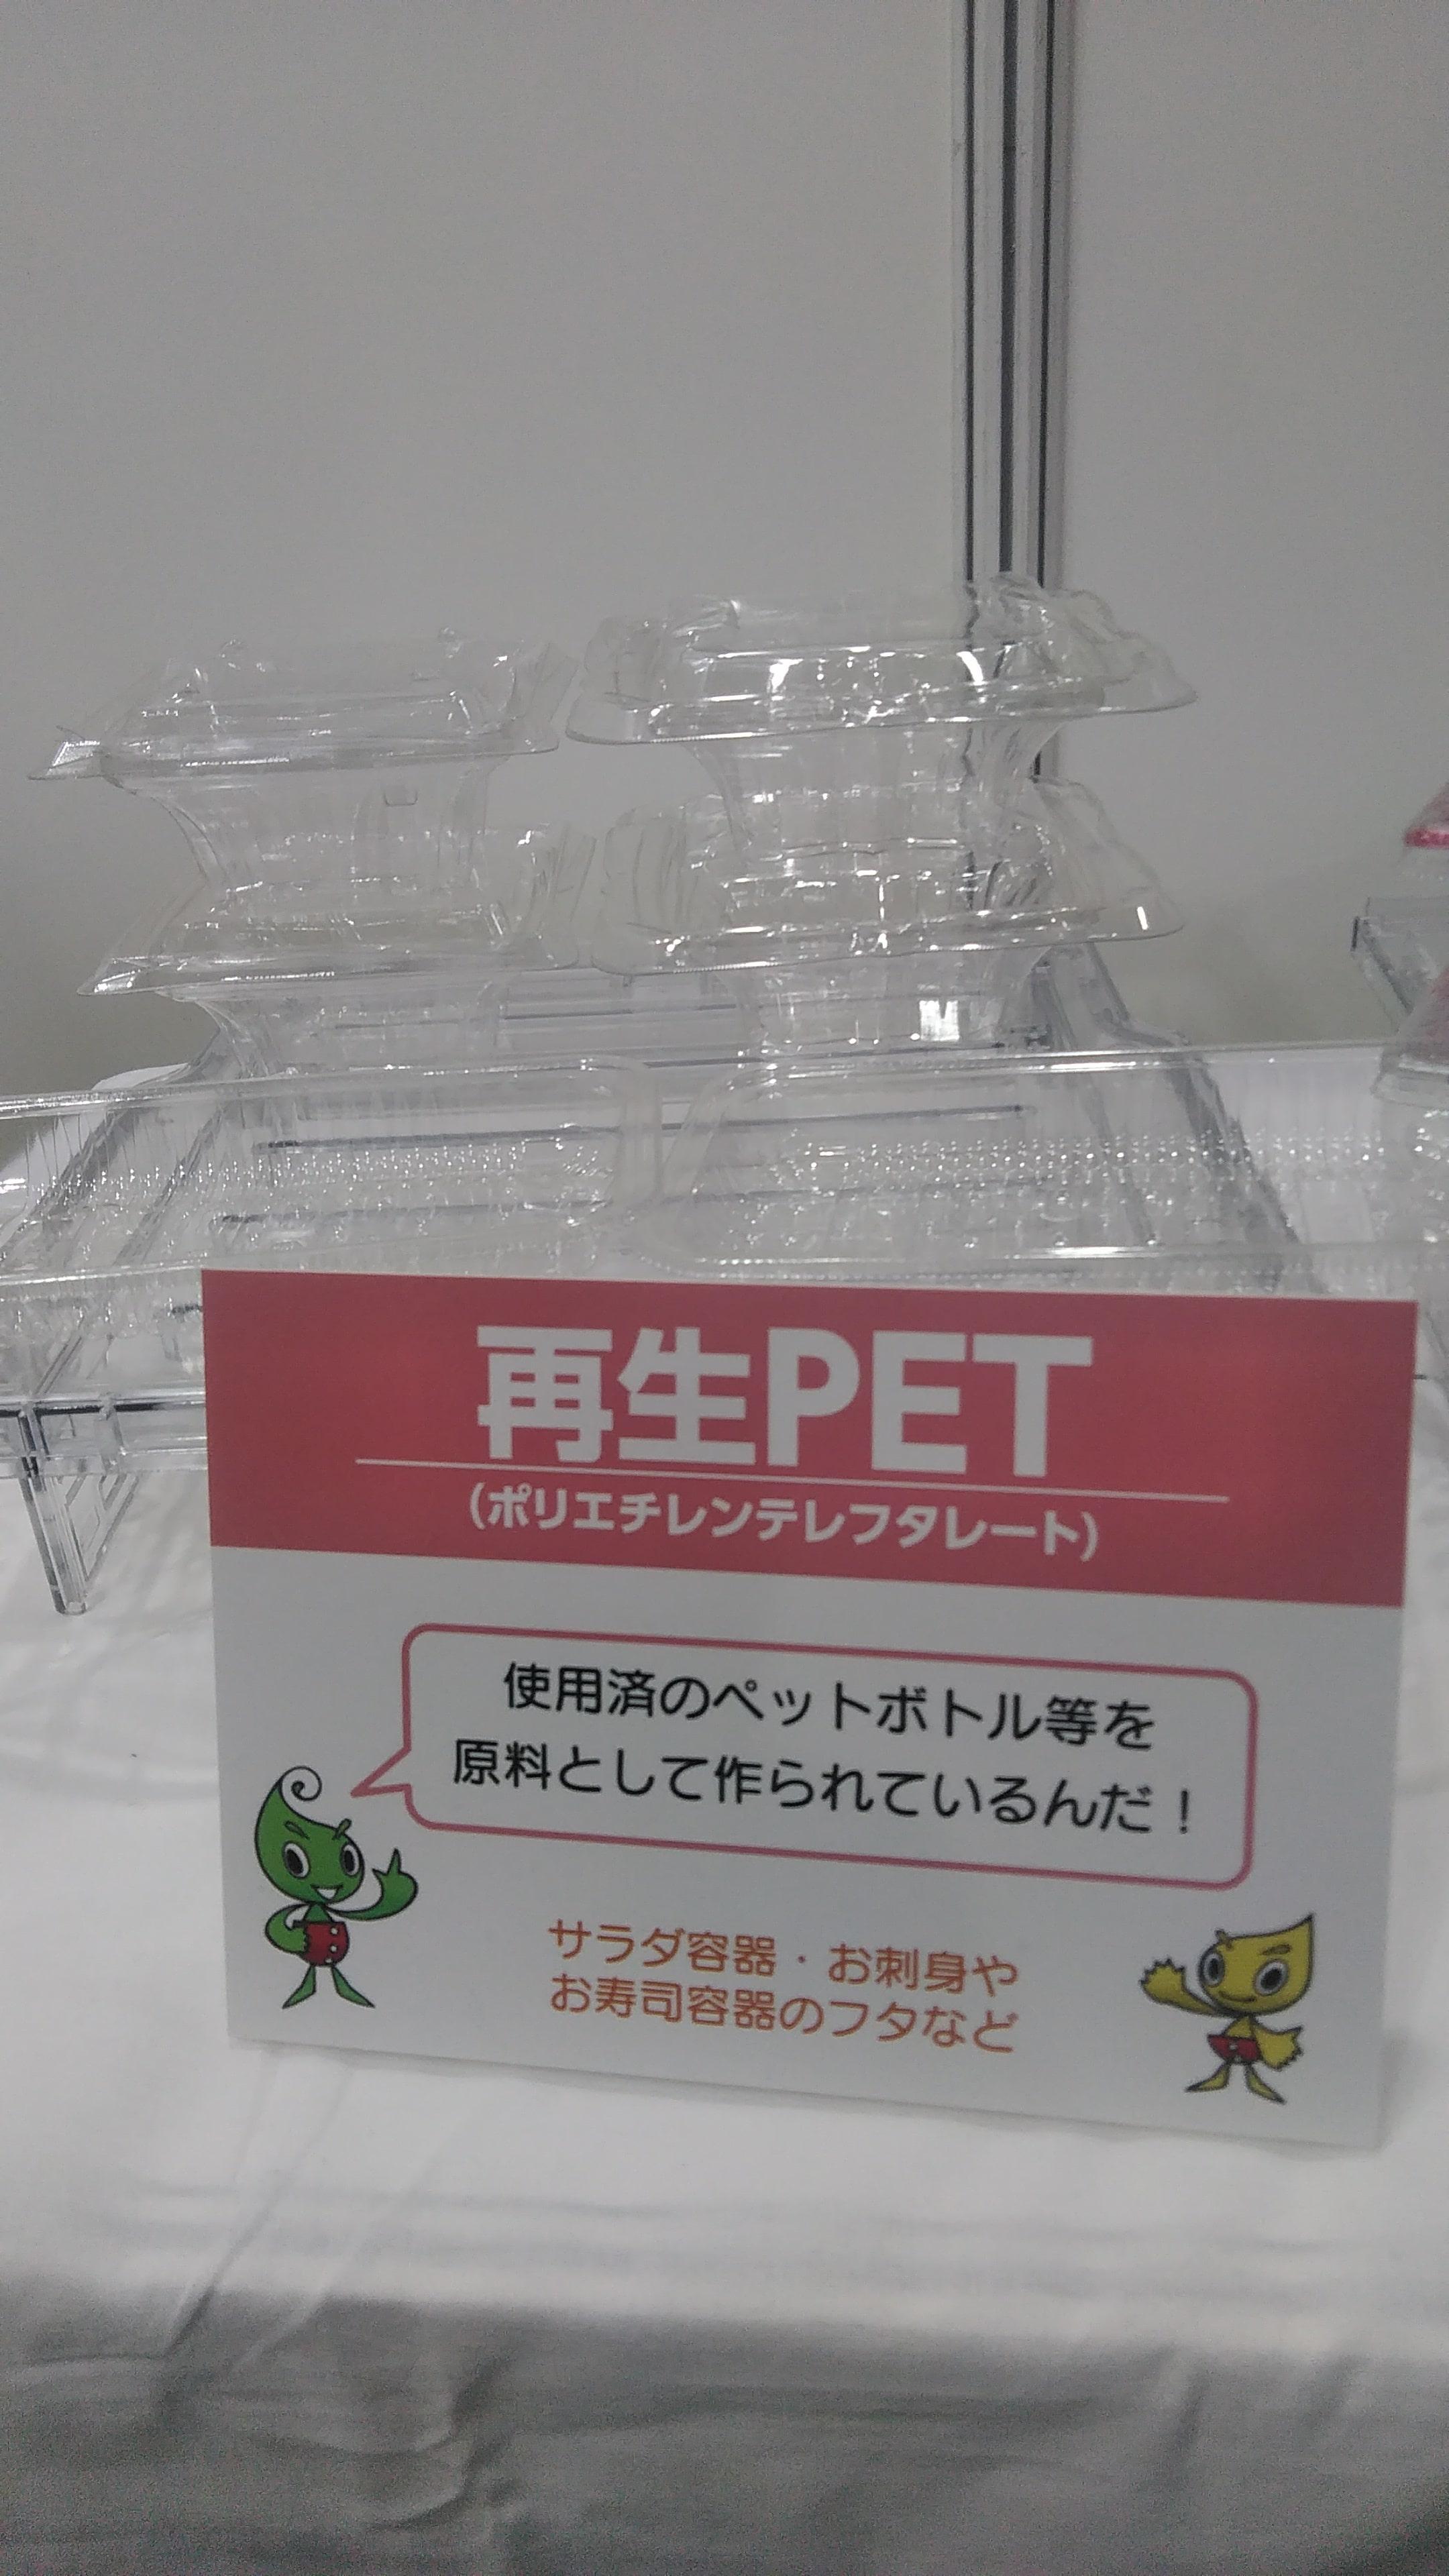 エコプロ2018「日本プラスチック食品容器工業会」の展示③